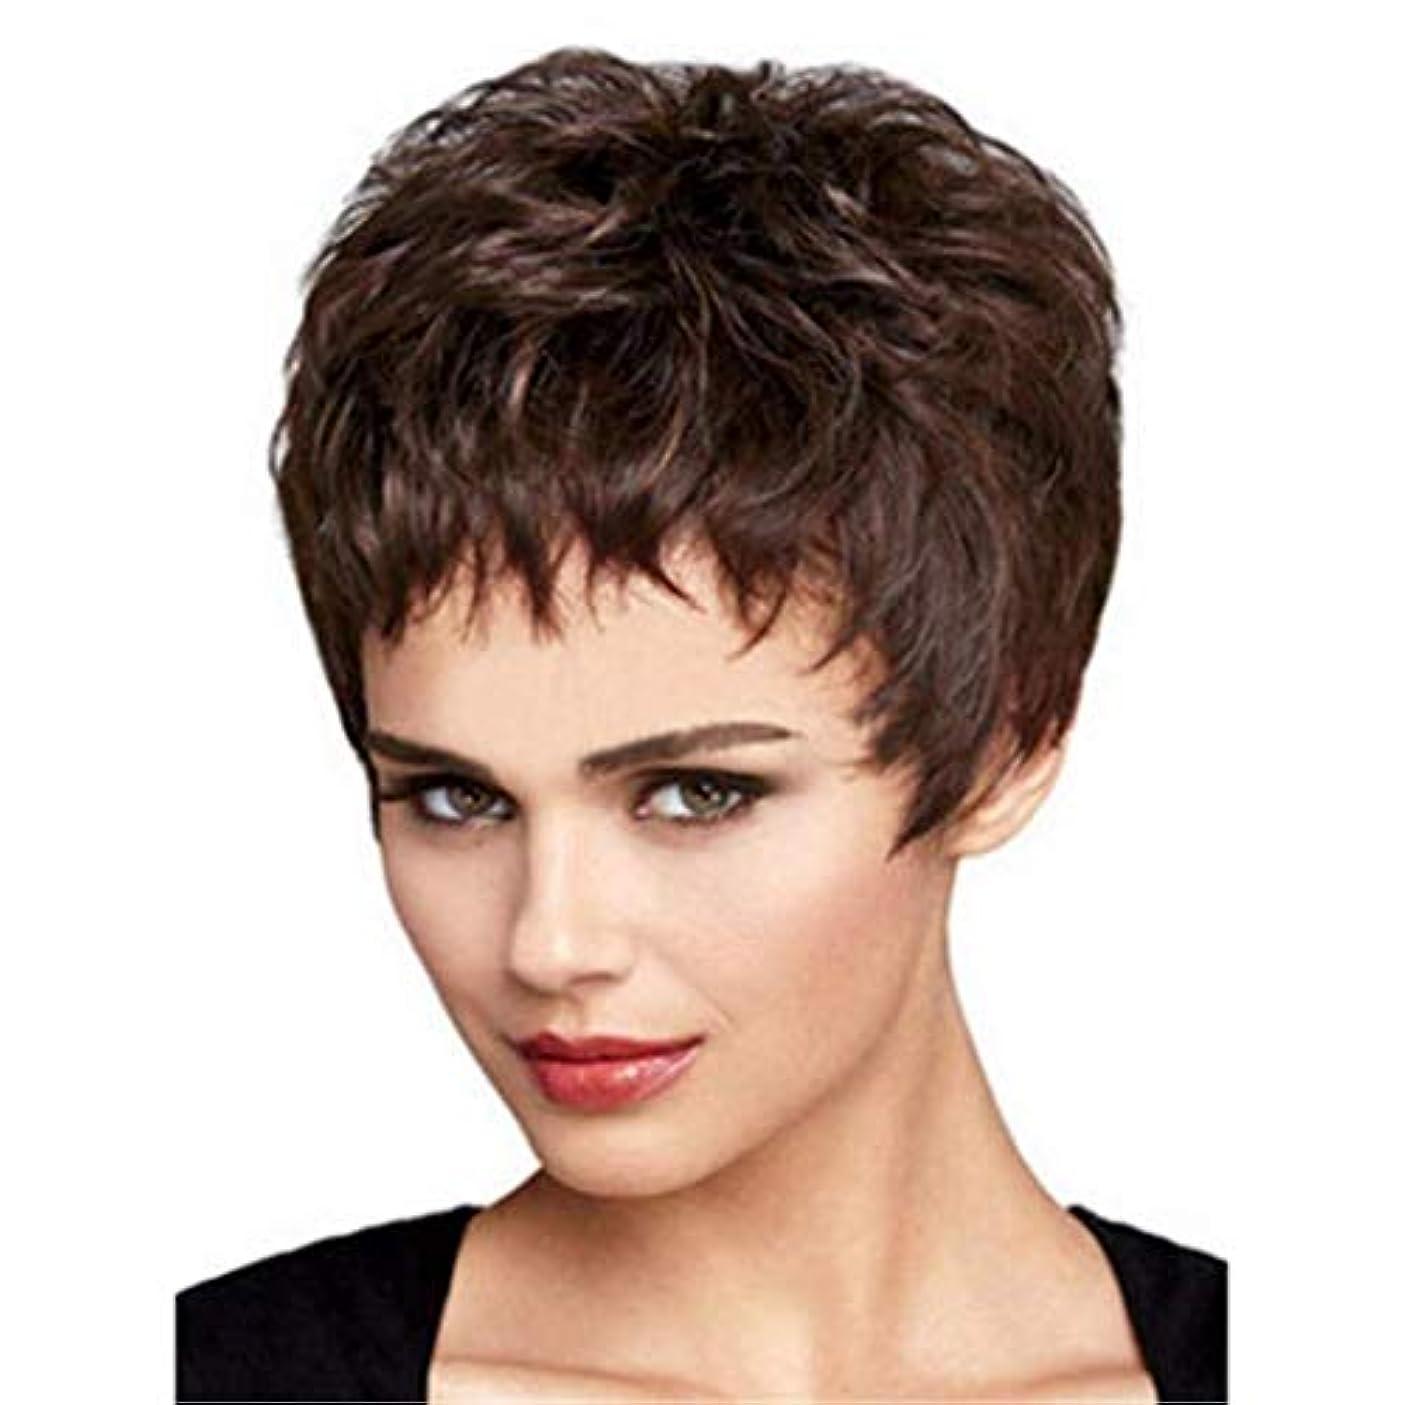 スケッチ圧縮する工夫するLRLTERRY 女性用ウィッグ、レディースブラウンショートカーリーヘアー高品質ソフトリアルヘアデイリーパーティーウィッグA3ウィッグ